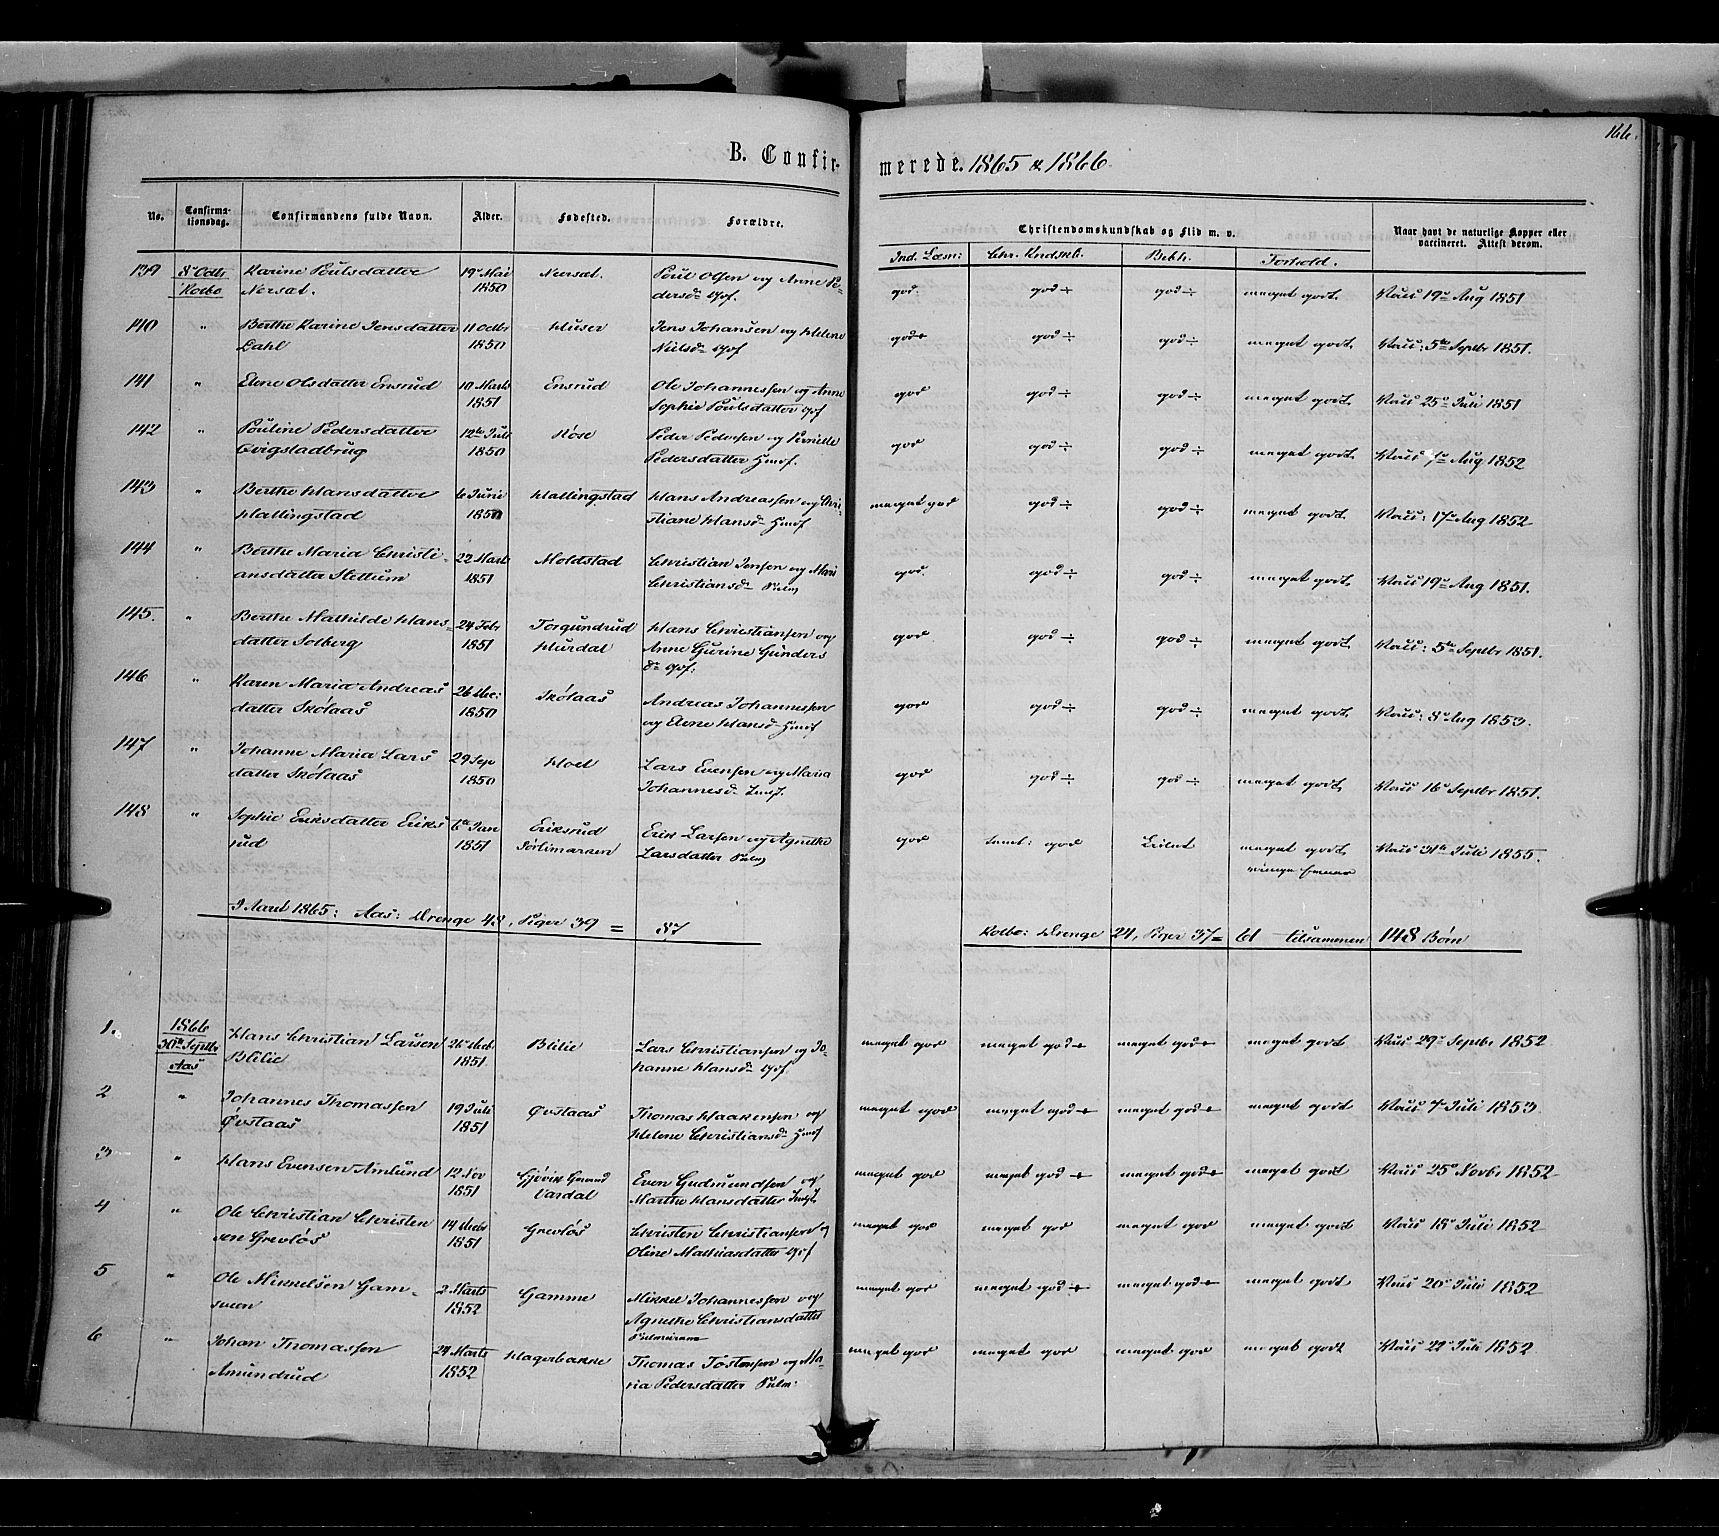 SAH, Vestre Toten prestekontor, Ministerialbok nr. 7, 1862-1869, s. 166